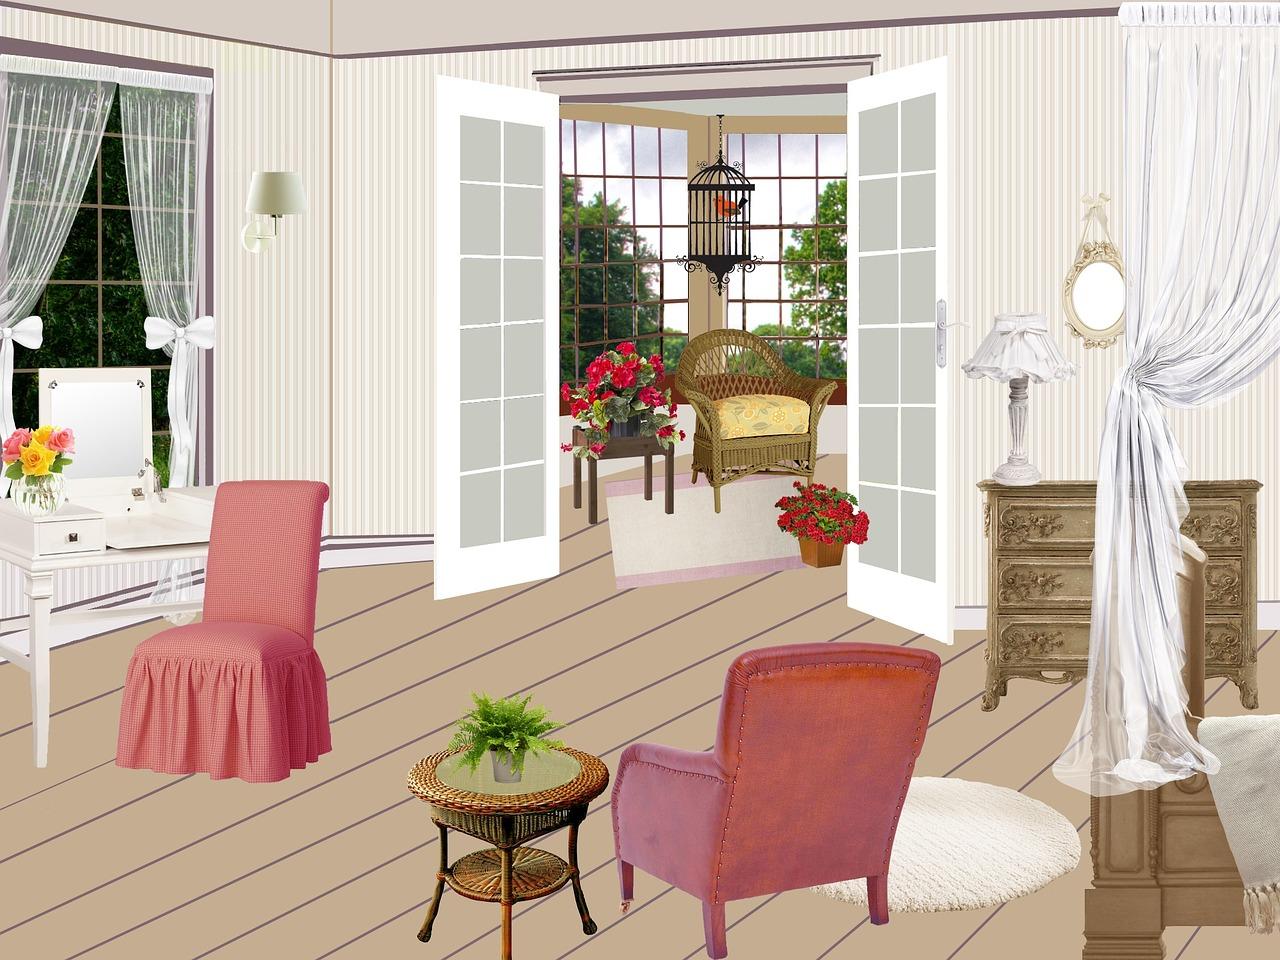 Déco luxe : intérieurs design chic et raffinés